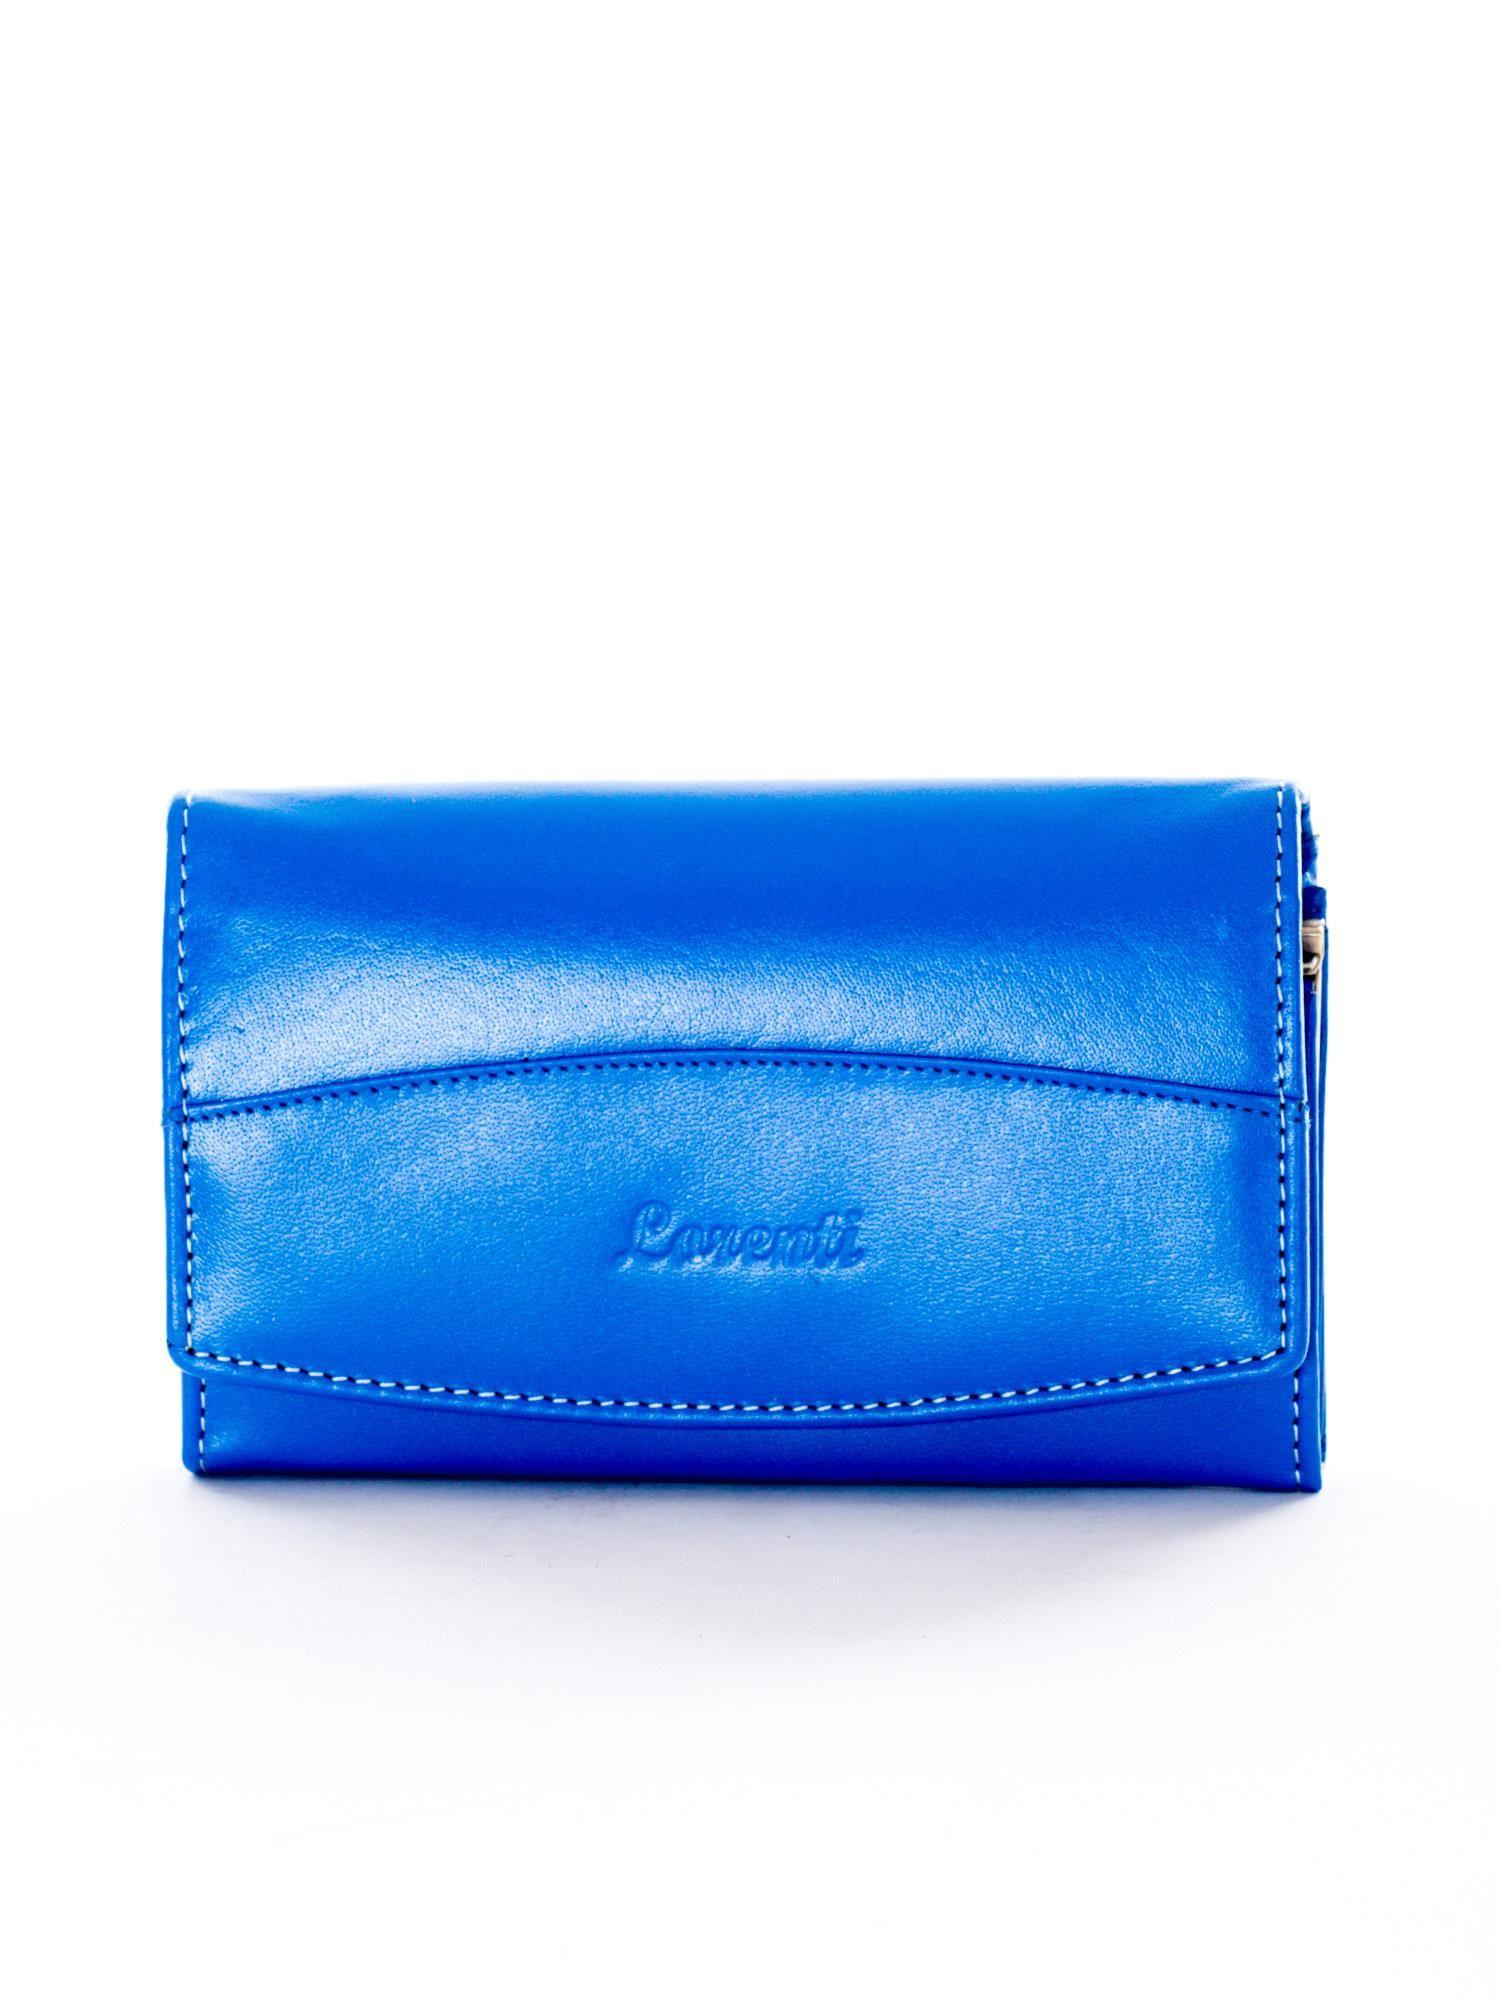 2e0f7dfc1dad8 Niebieski portfel damski skórzany - Akcesoria portfele - sklep eButik.pl